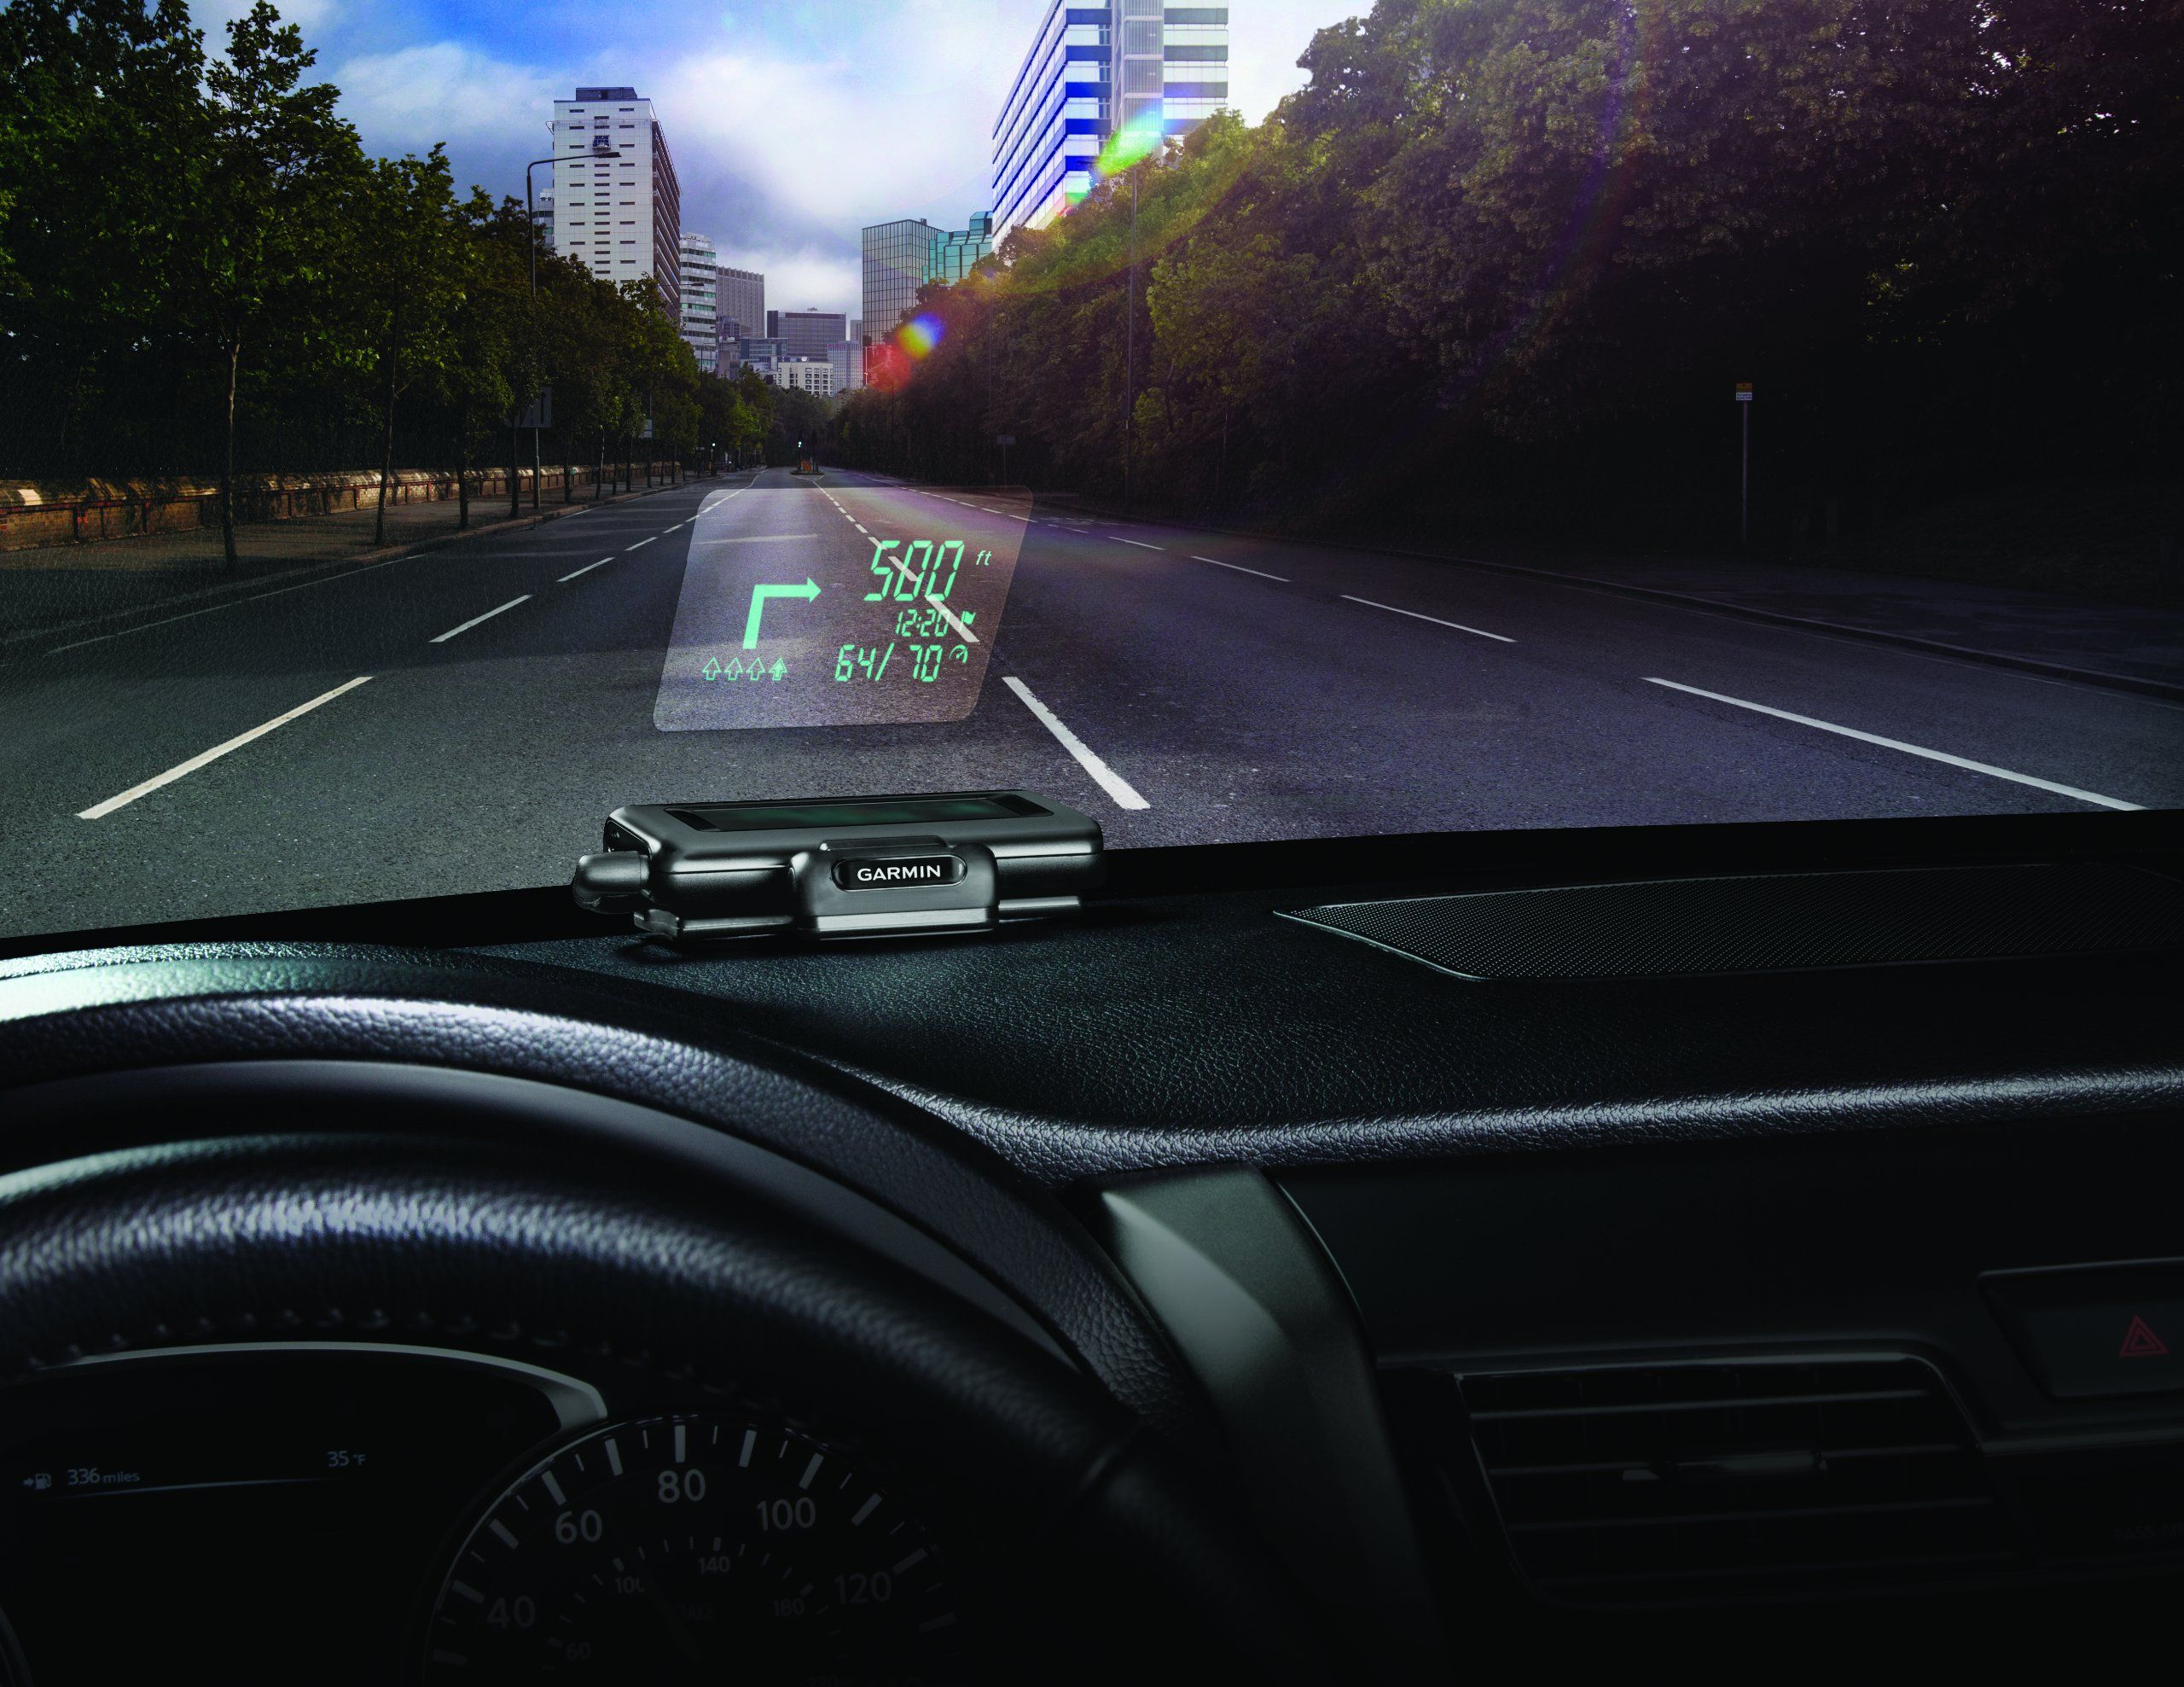 Garmin HeadUp Display (HUD) Dashboard Mounted